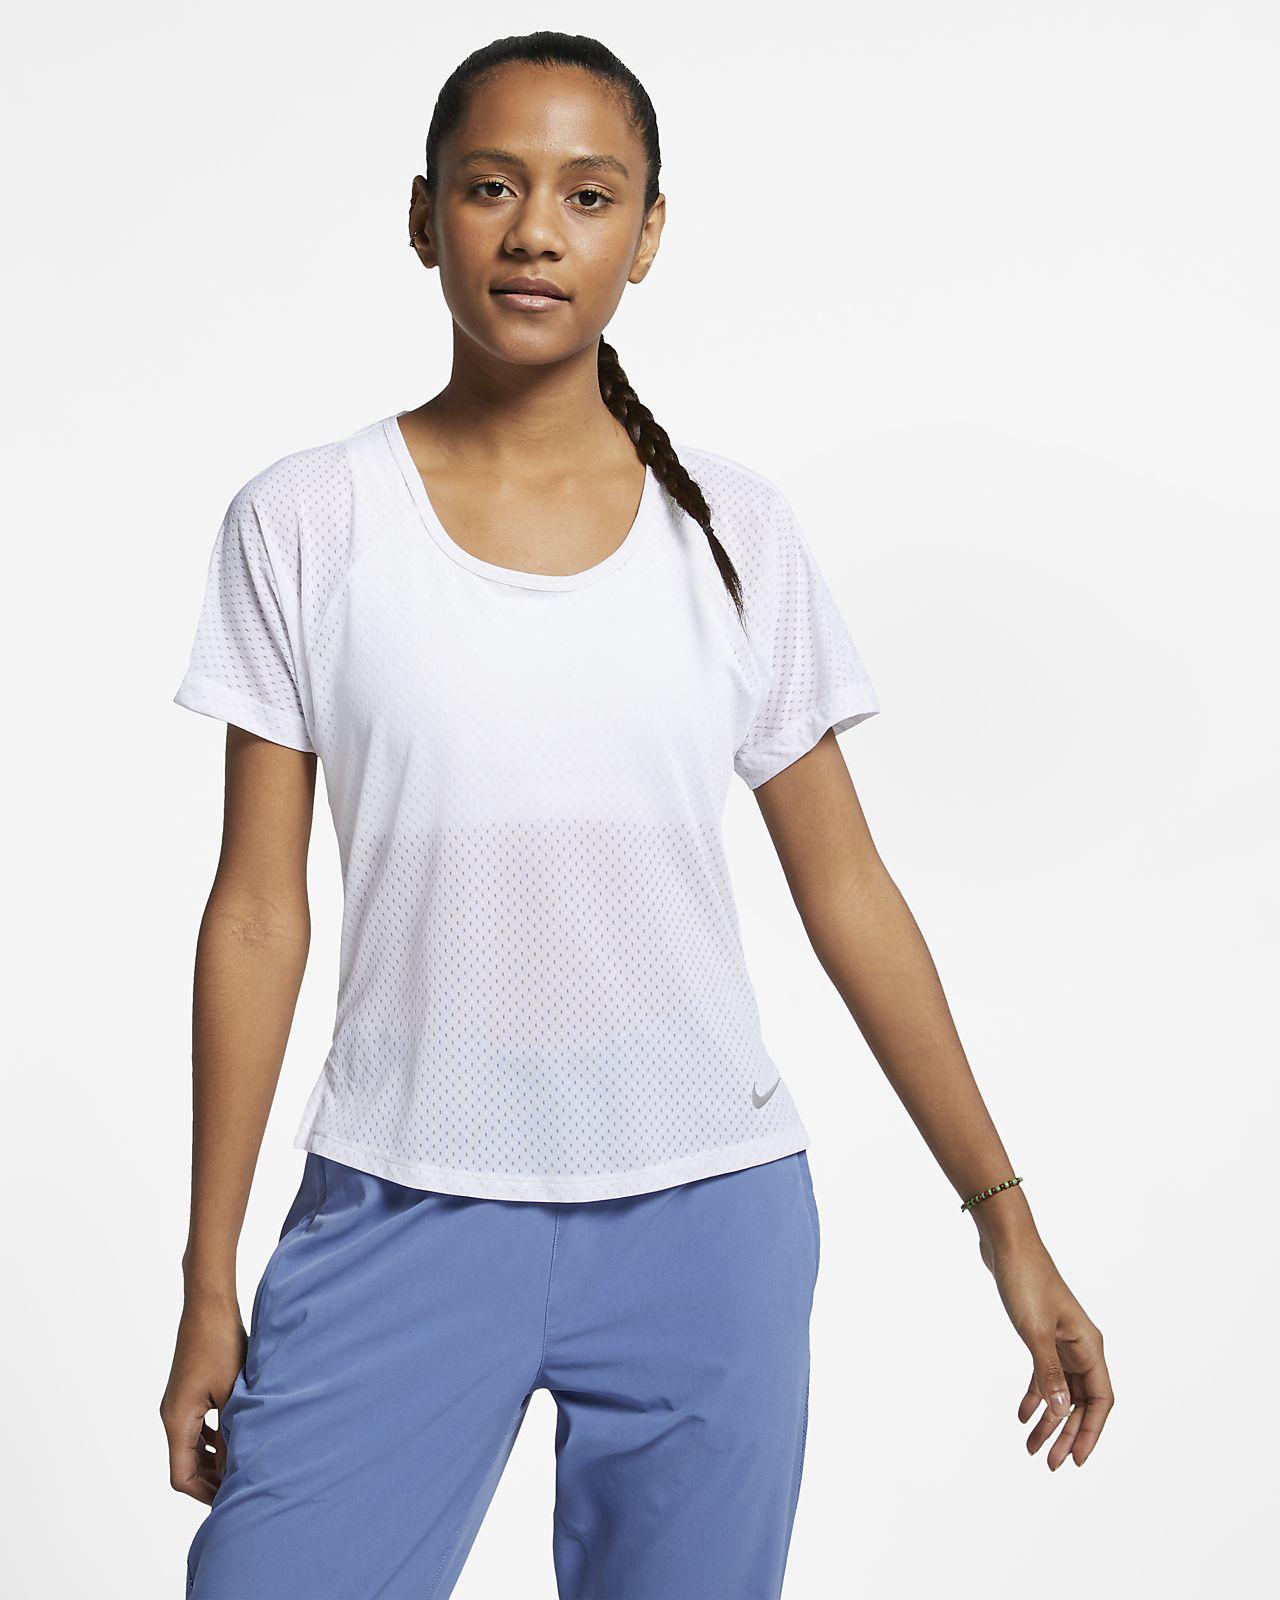 Löpartröja Nike Breathe Miler för kvinnor